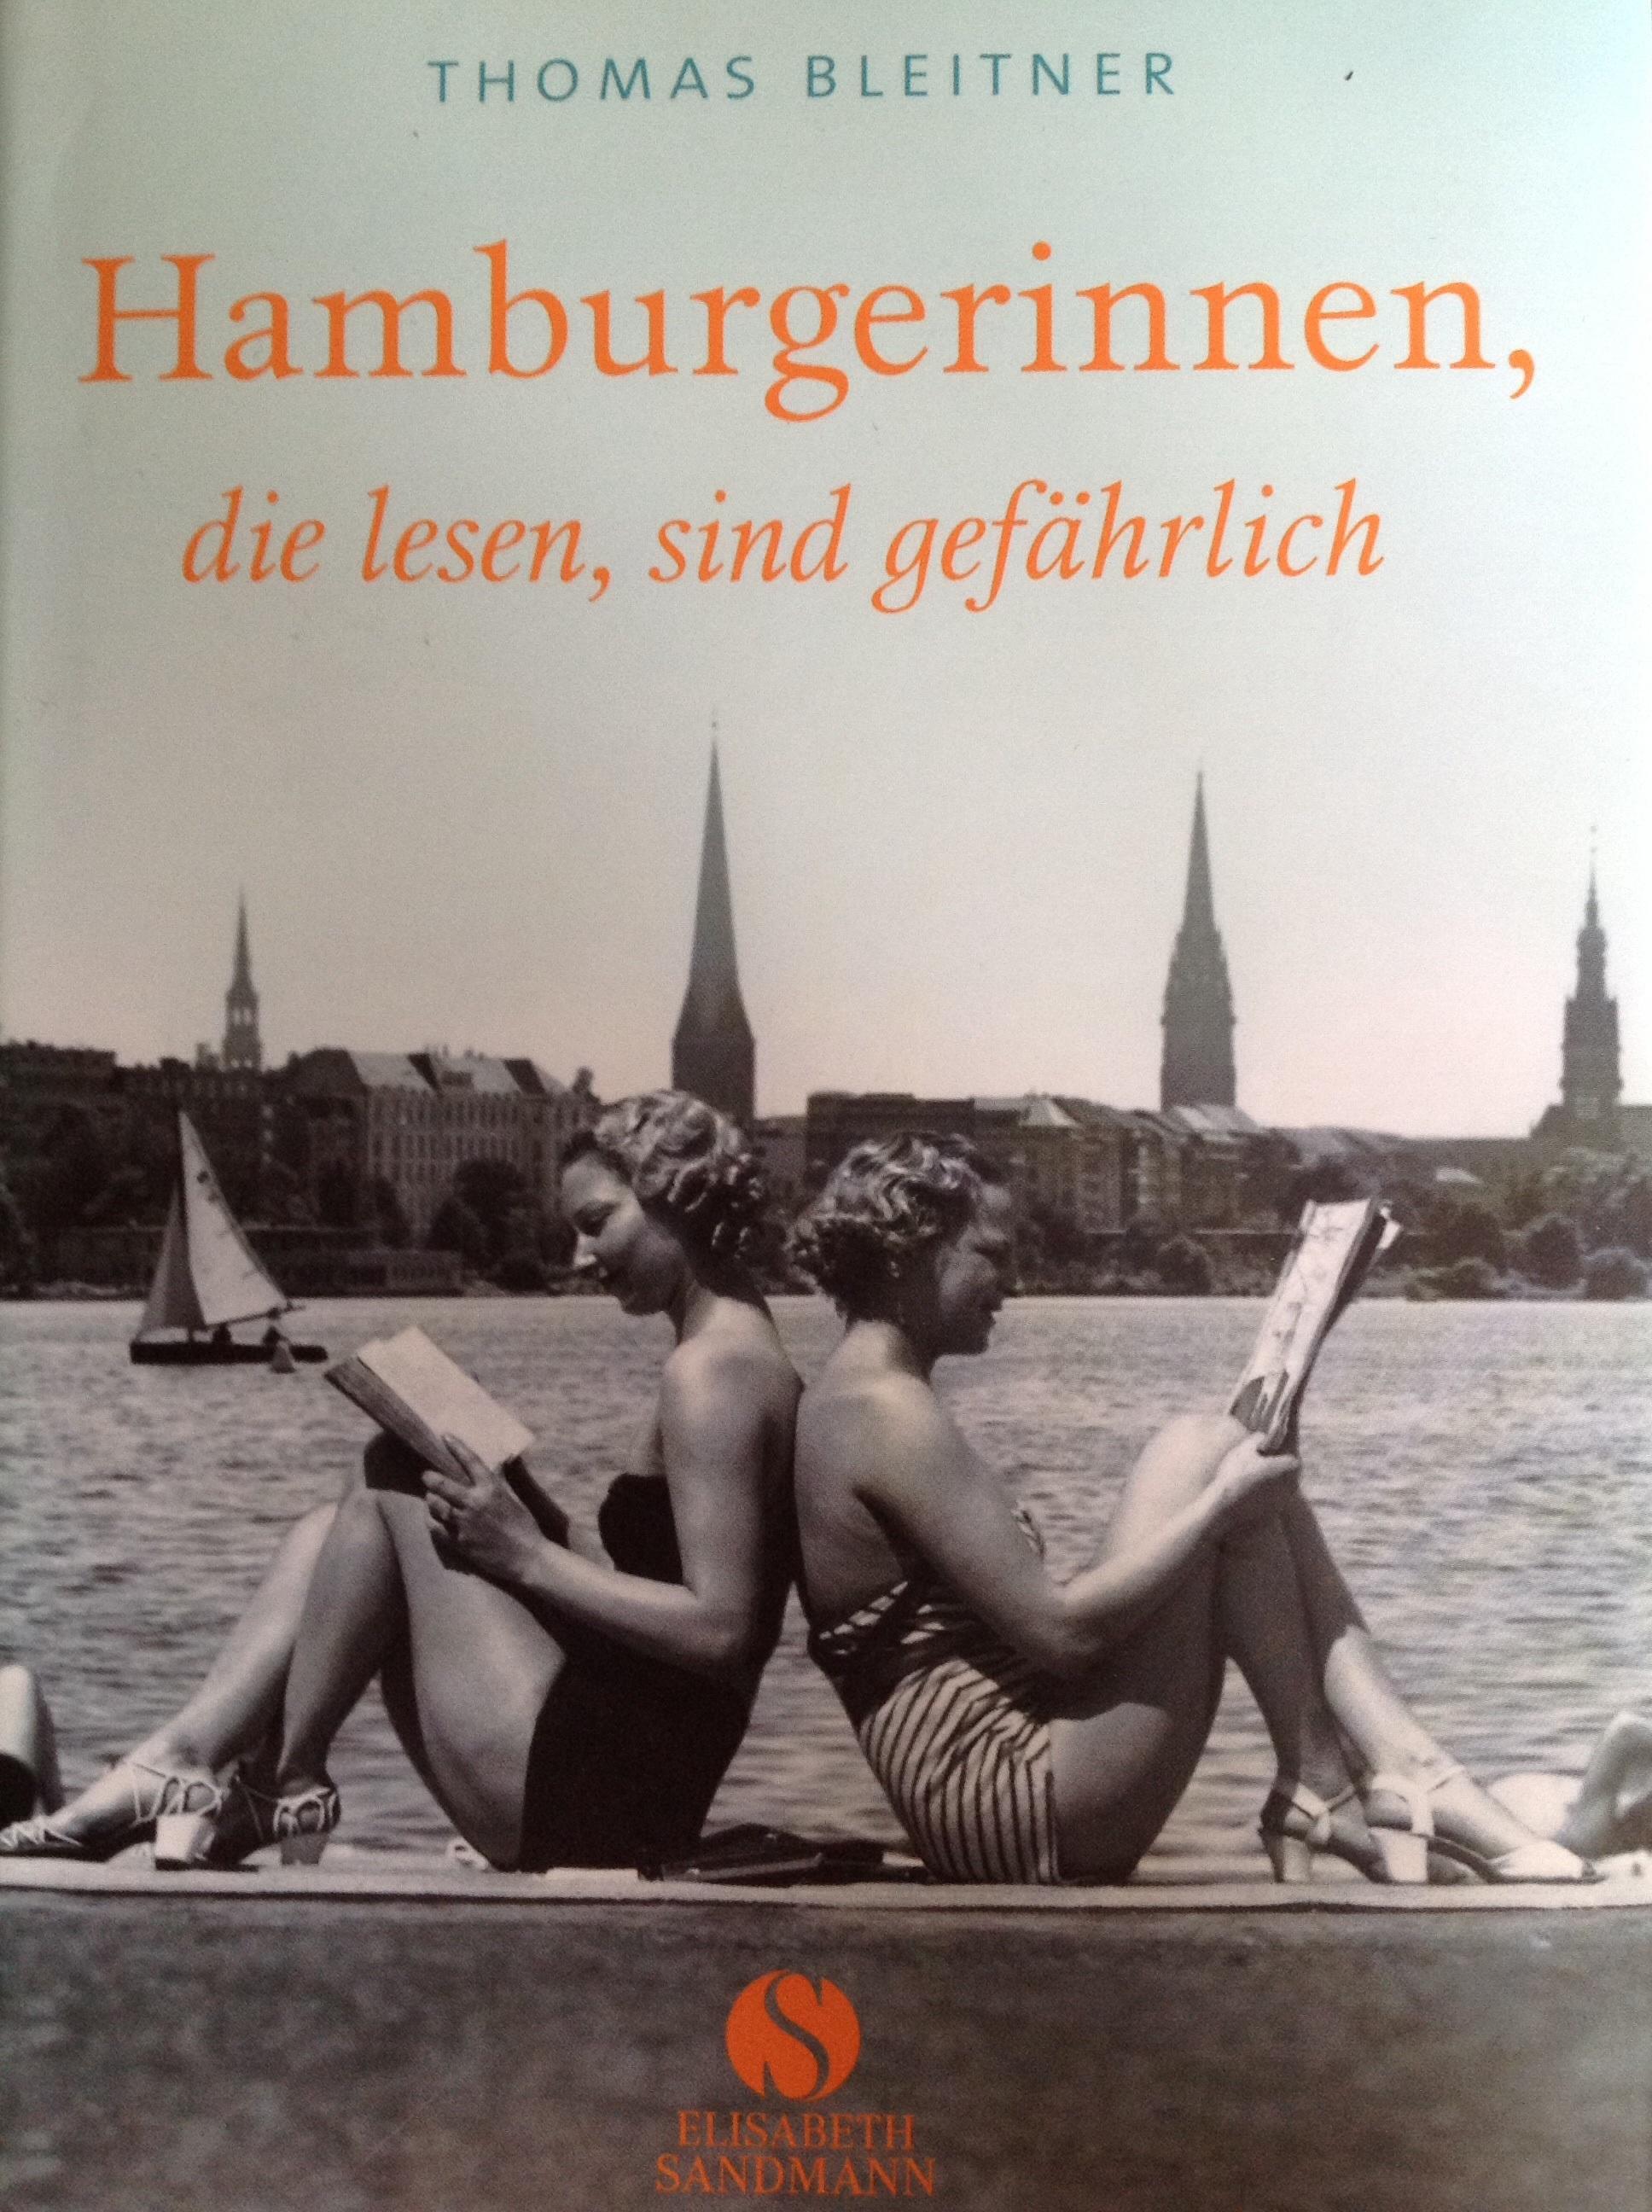 Hamburgerinnen, die lesen, sind gefährlich